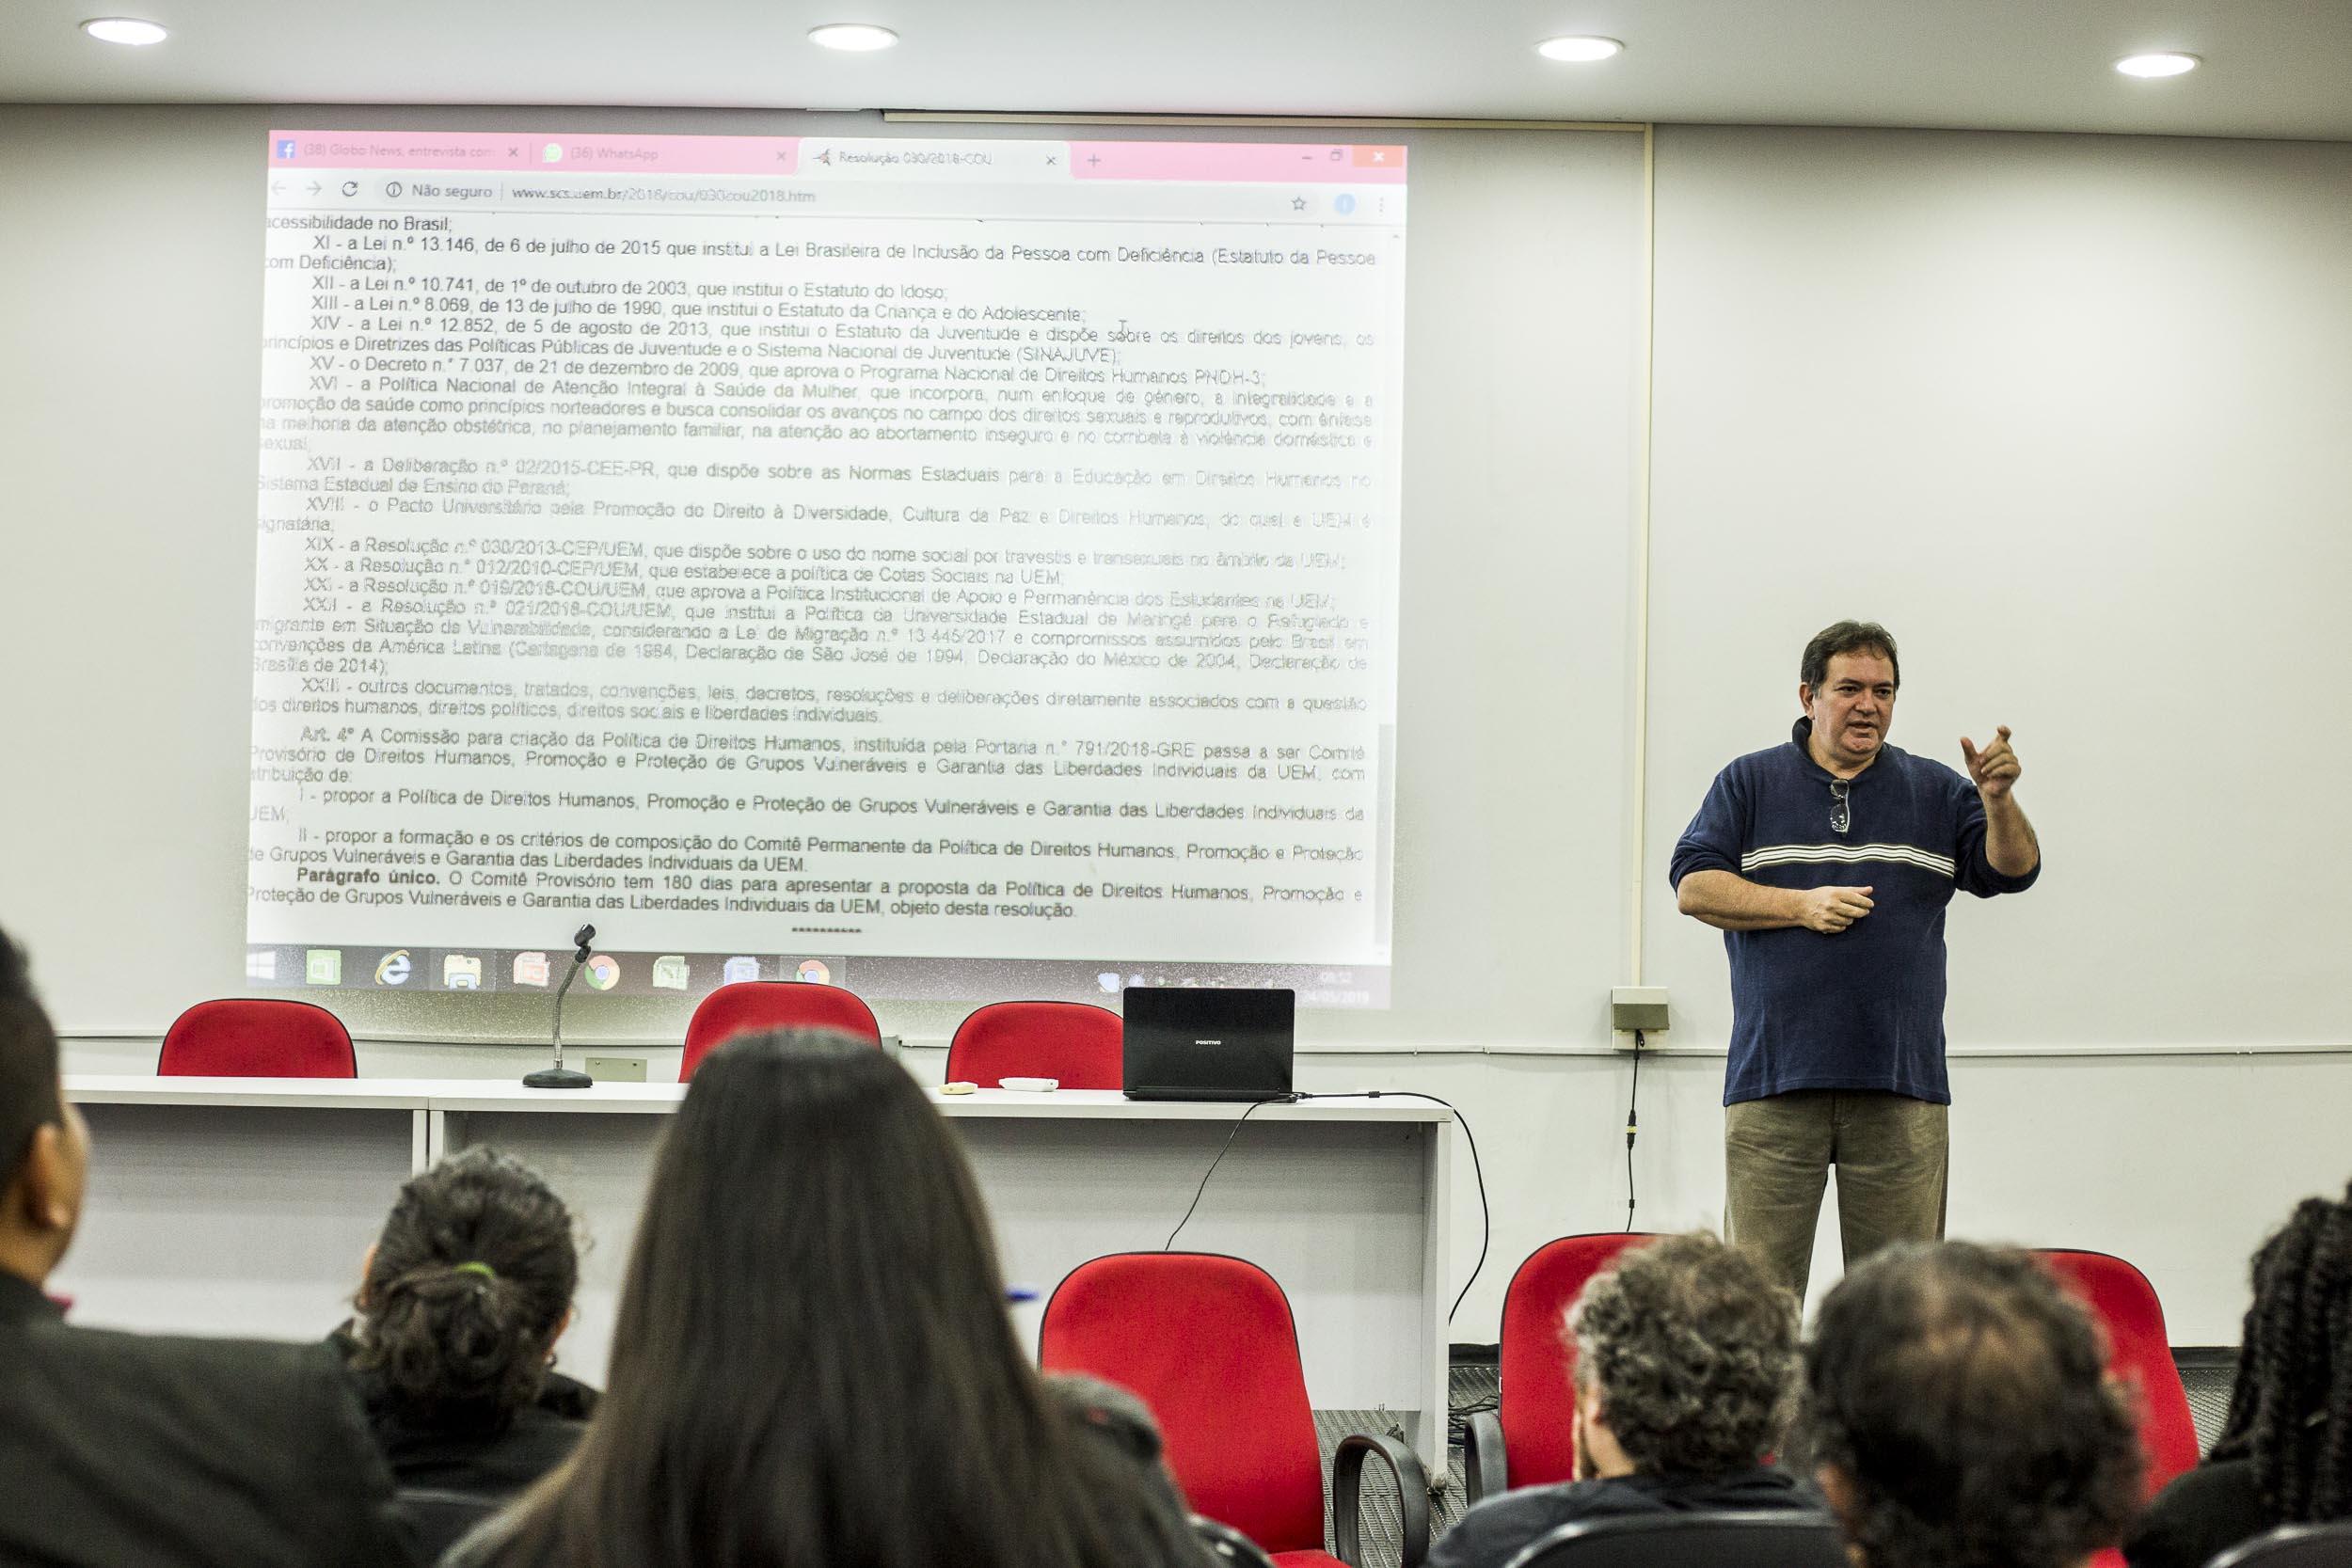 UEM colhe sugestões para a elaboração da política de Direitos Humanos